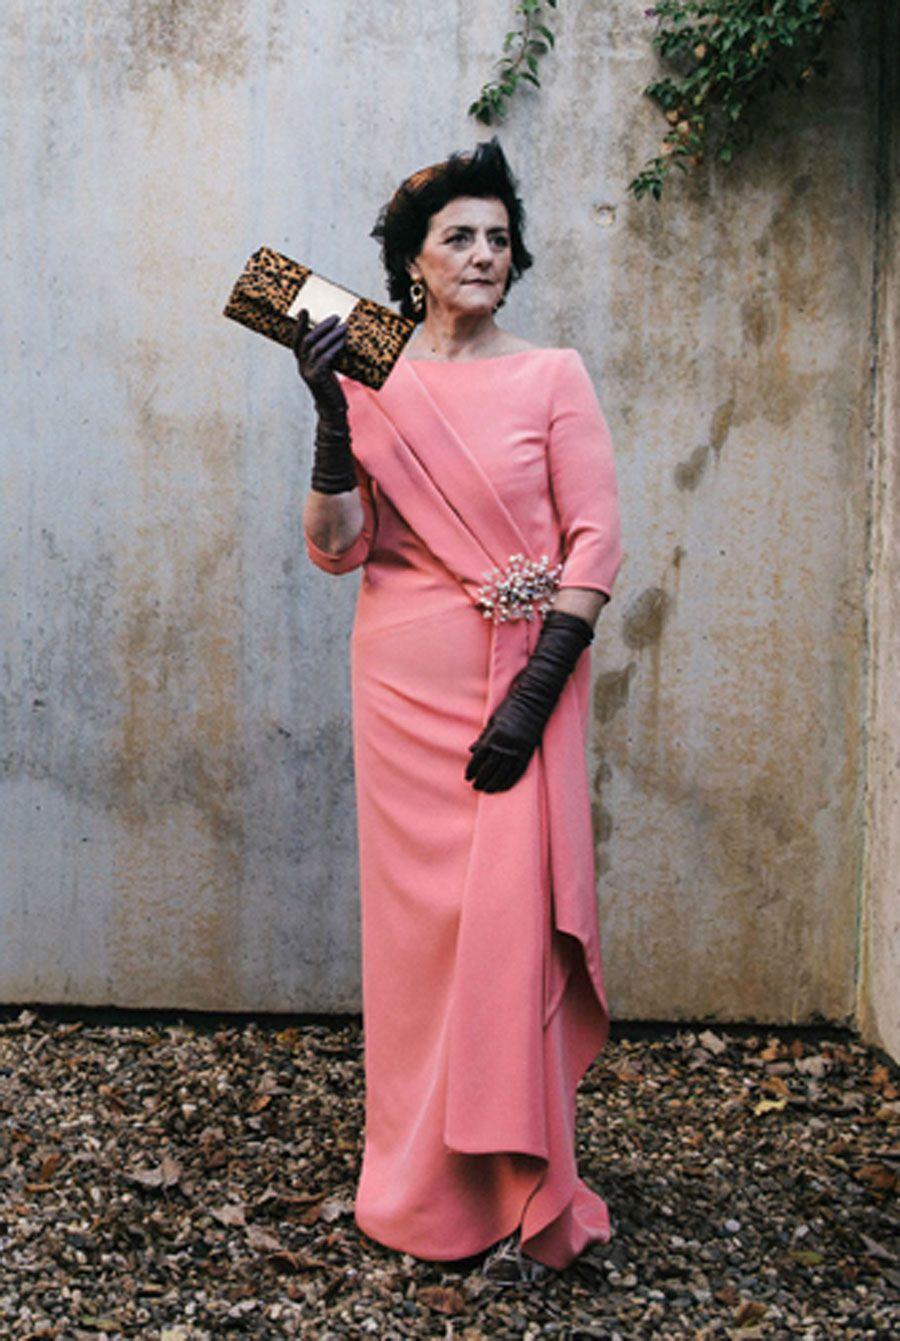 Vestido largo en rosa chicle con guantes negros y accesorios. Es una ...